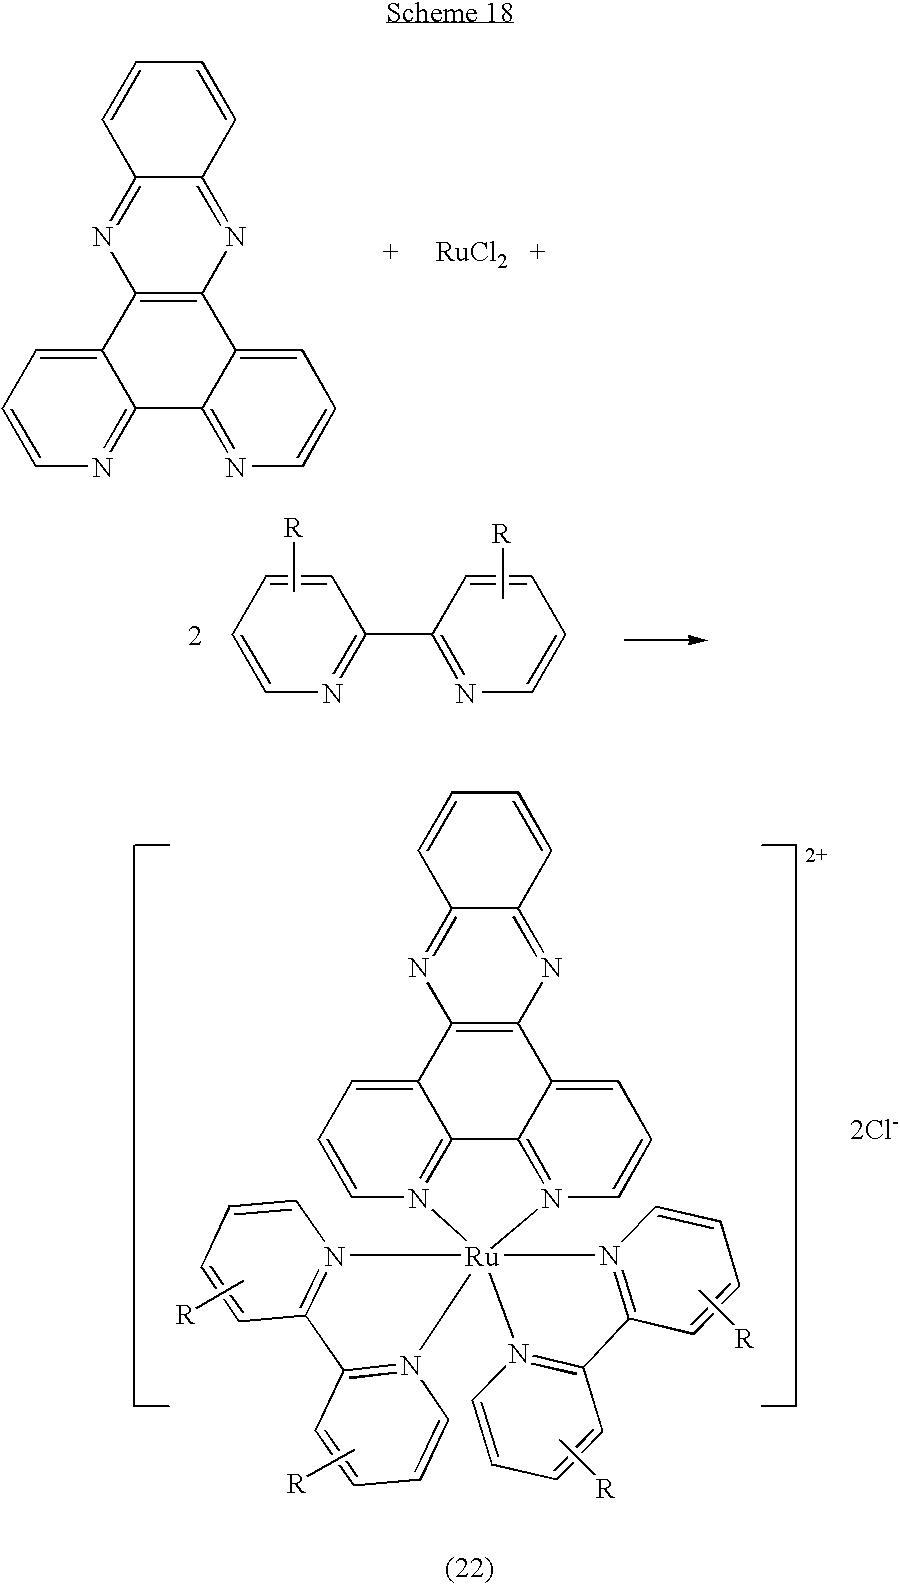 Figure US20030198960A1-20031023-C00033